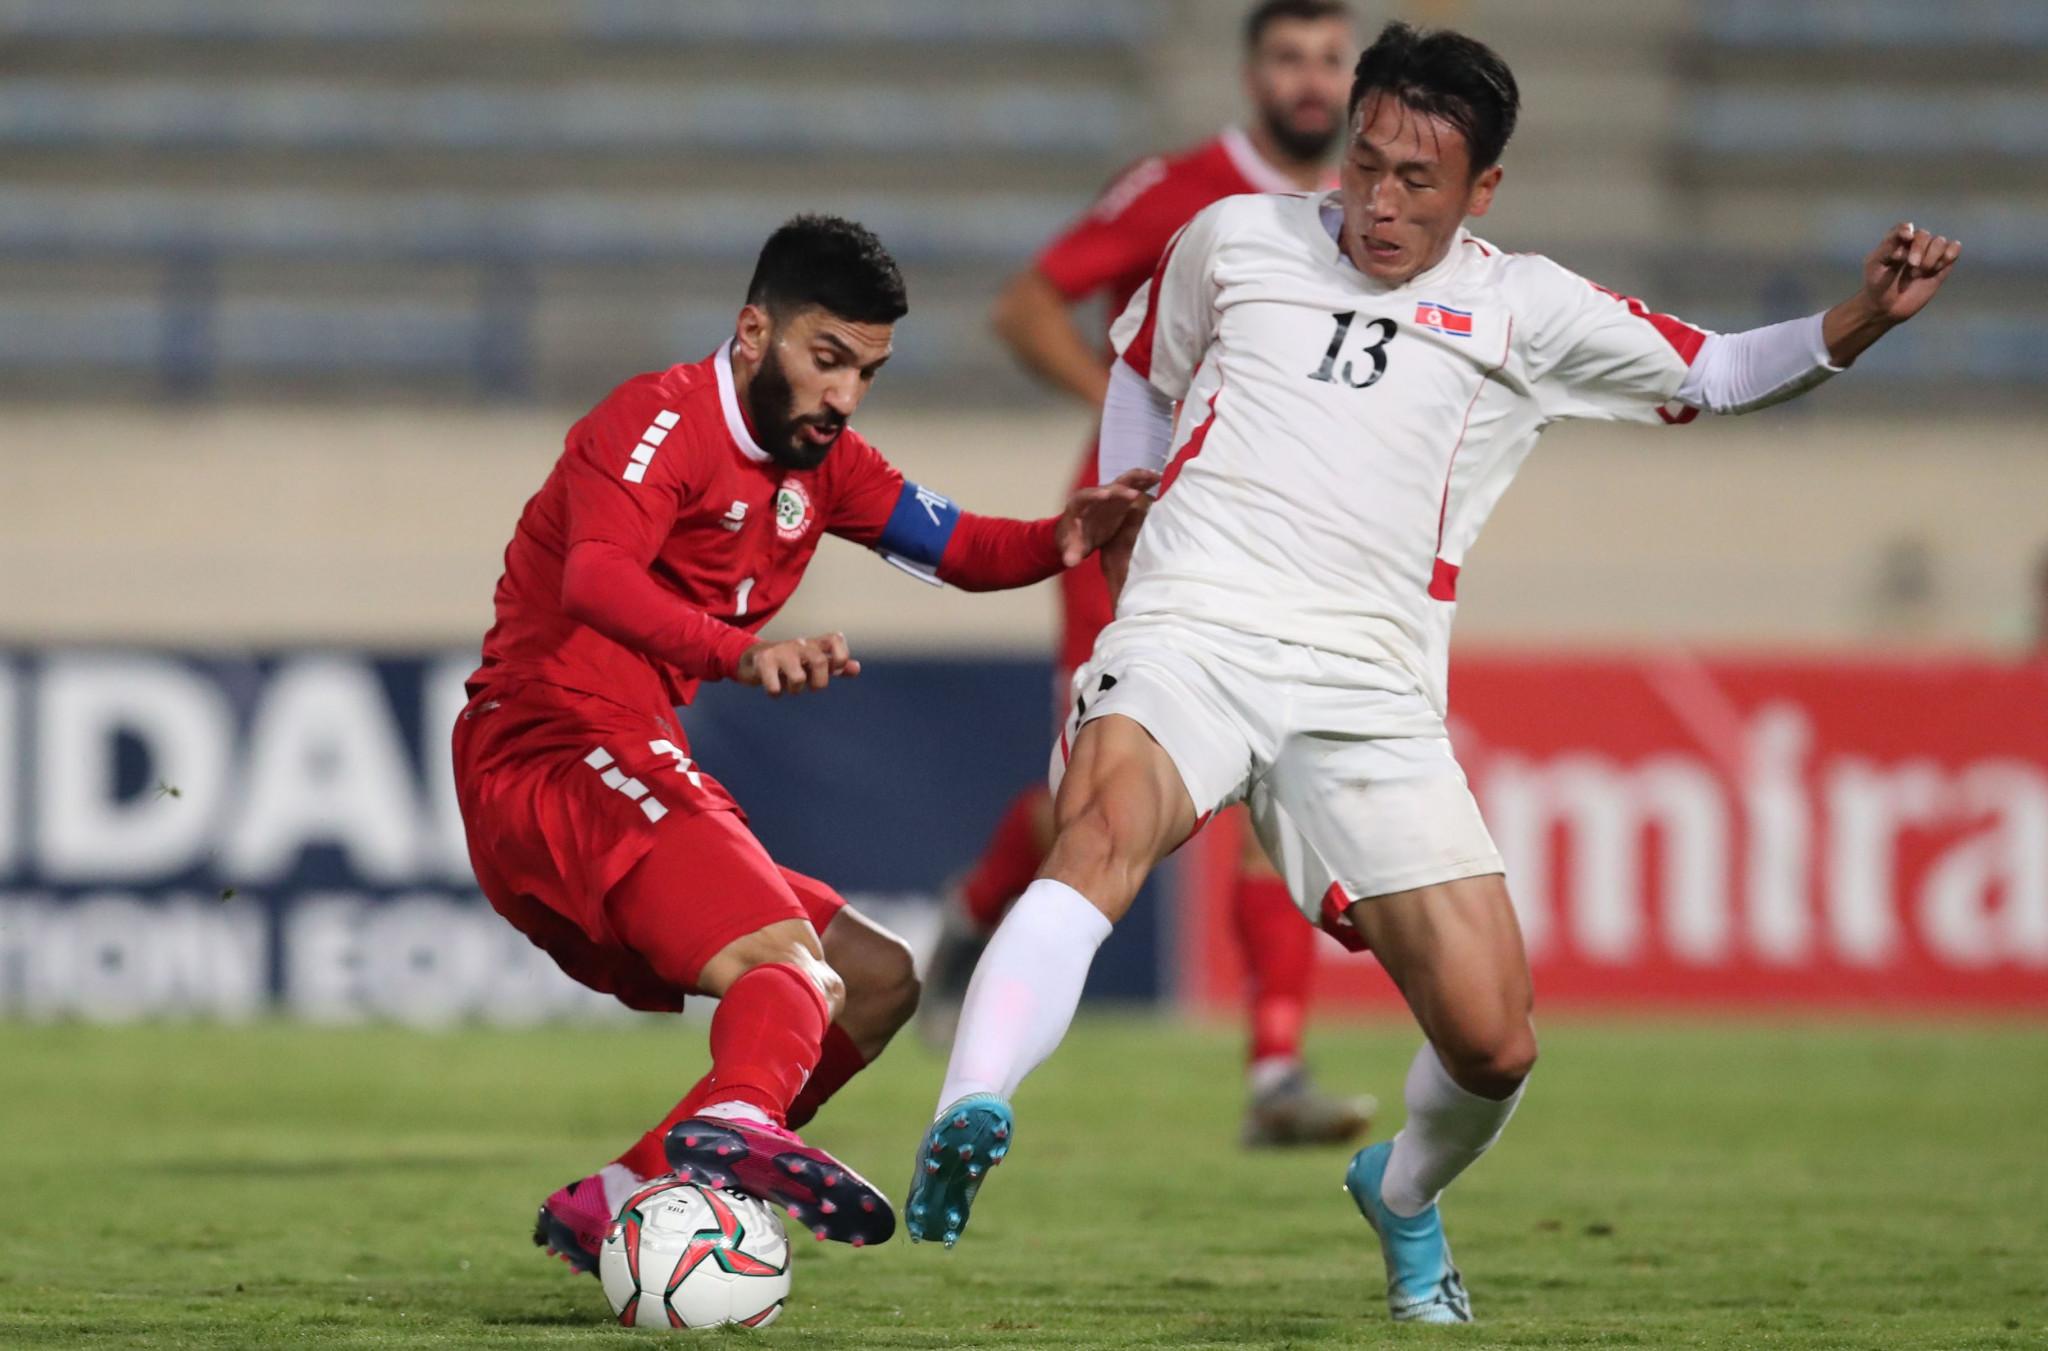 Triều Tiên (áo trắng) khiến cục diện vòng loại World Cup 2022 xáo trộn khó lường. Ảnh: ITG